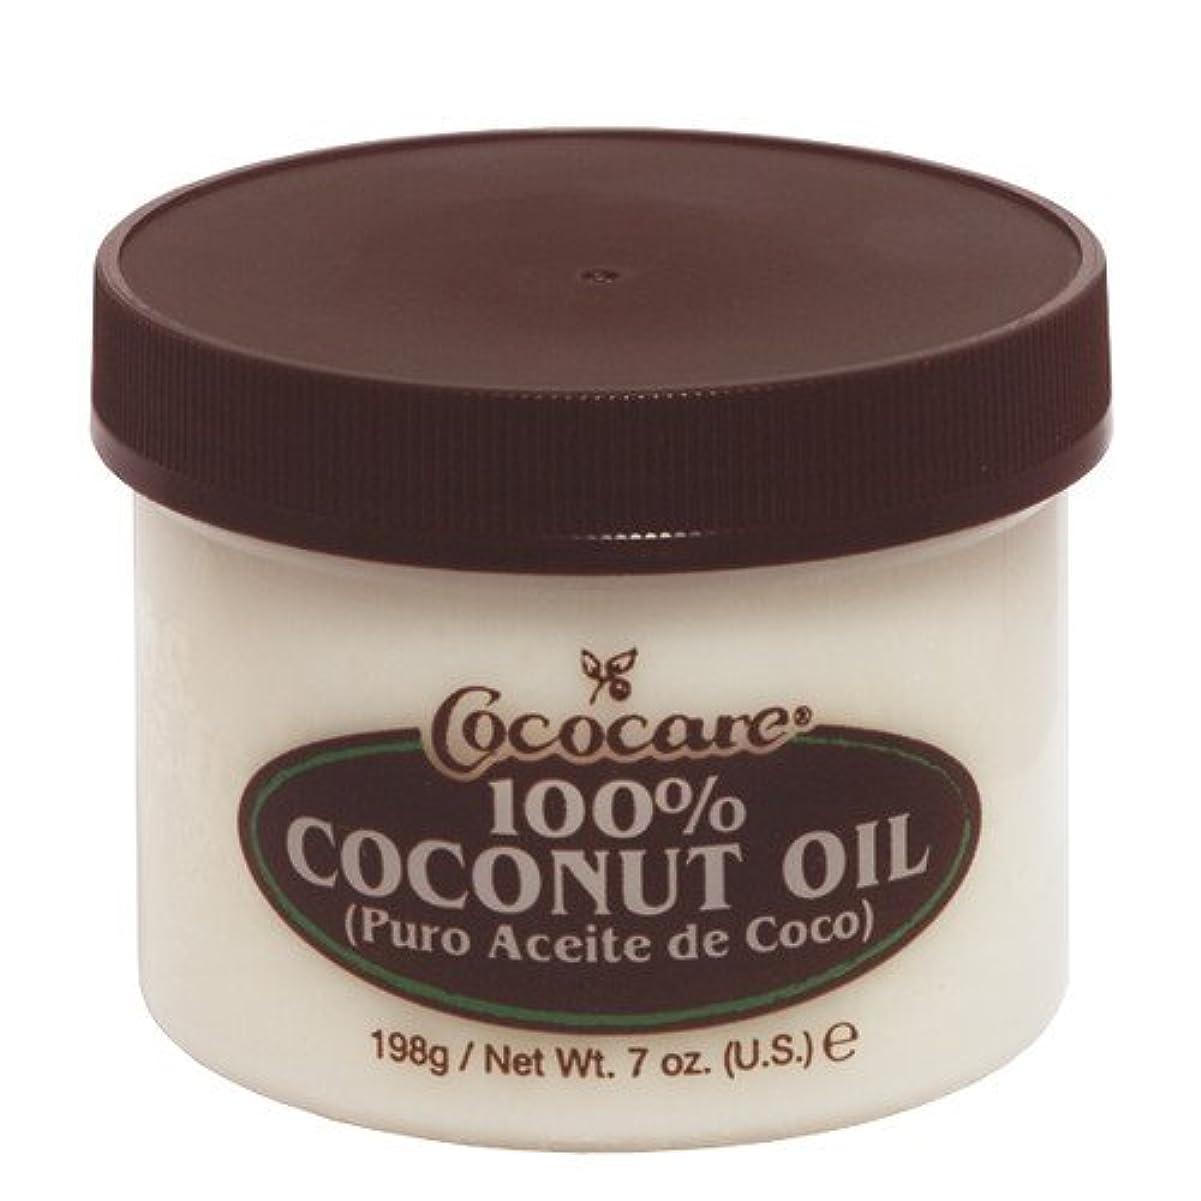 不従順バースト冷淡なCOCOCARE ココケア ココナッツオイル 198g